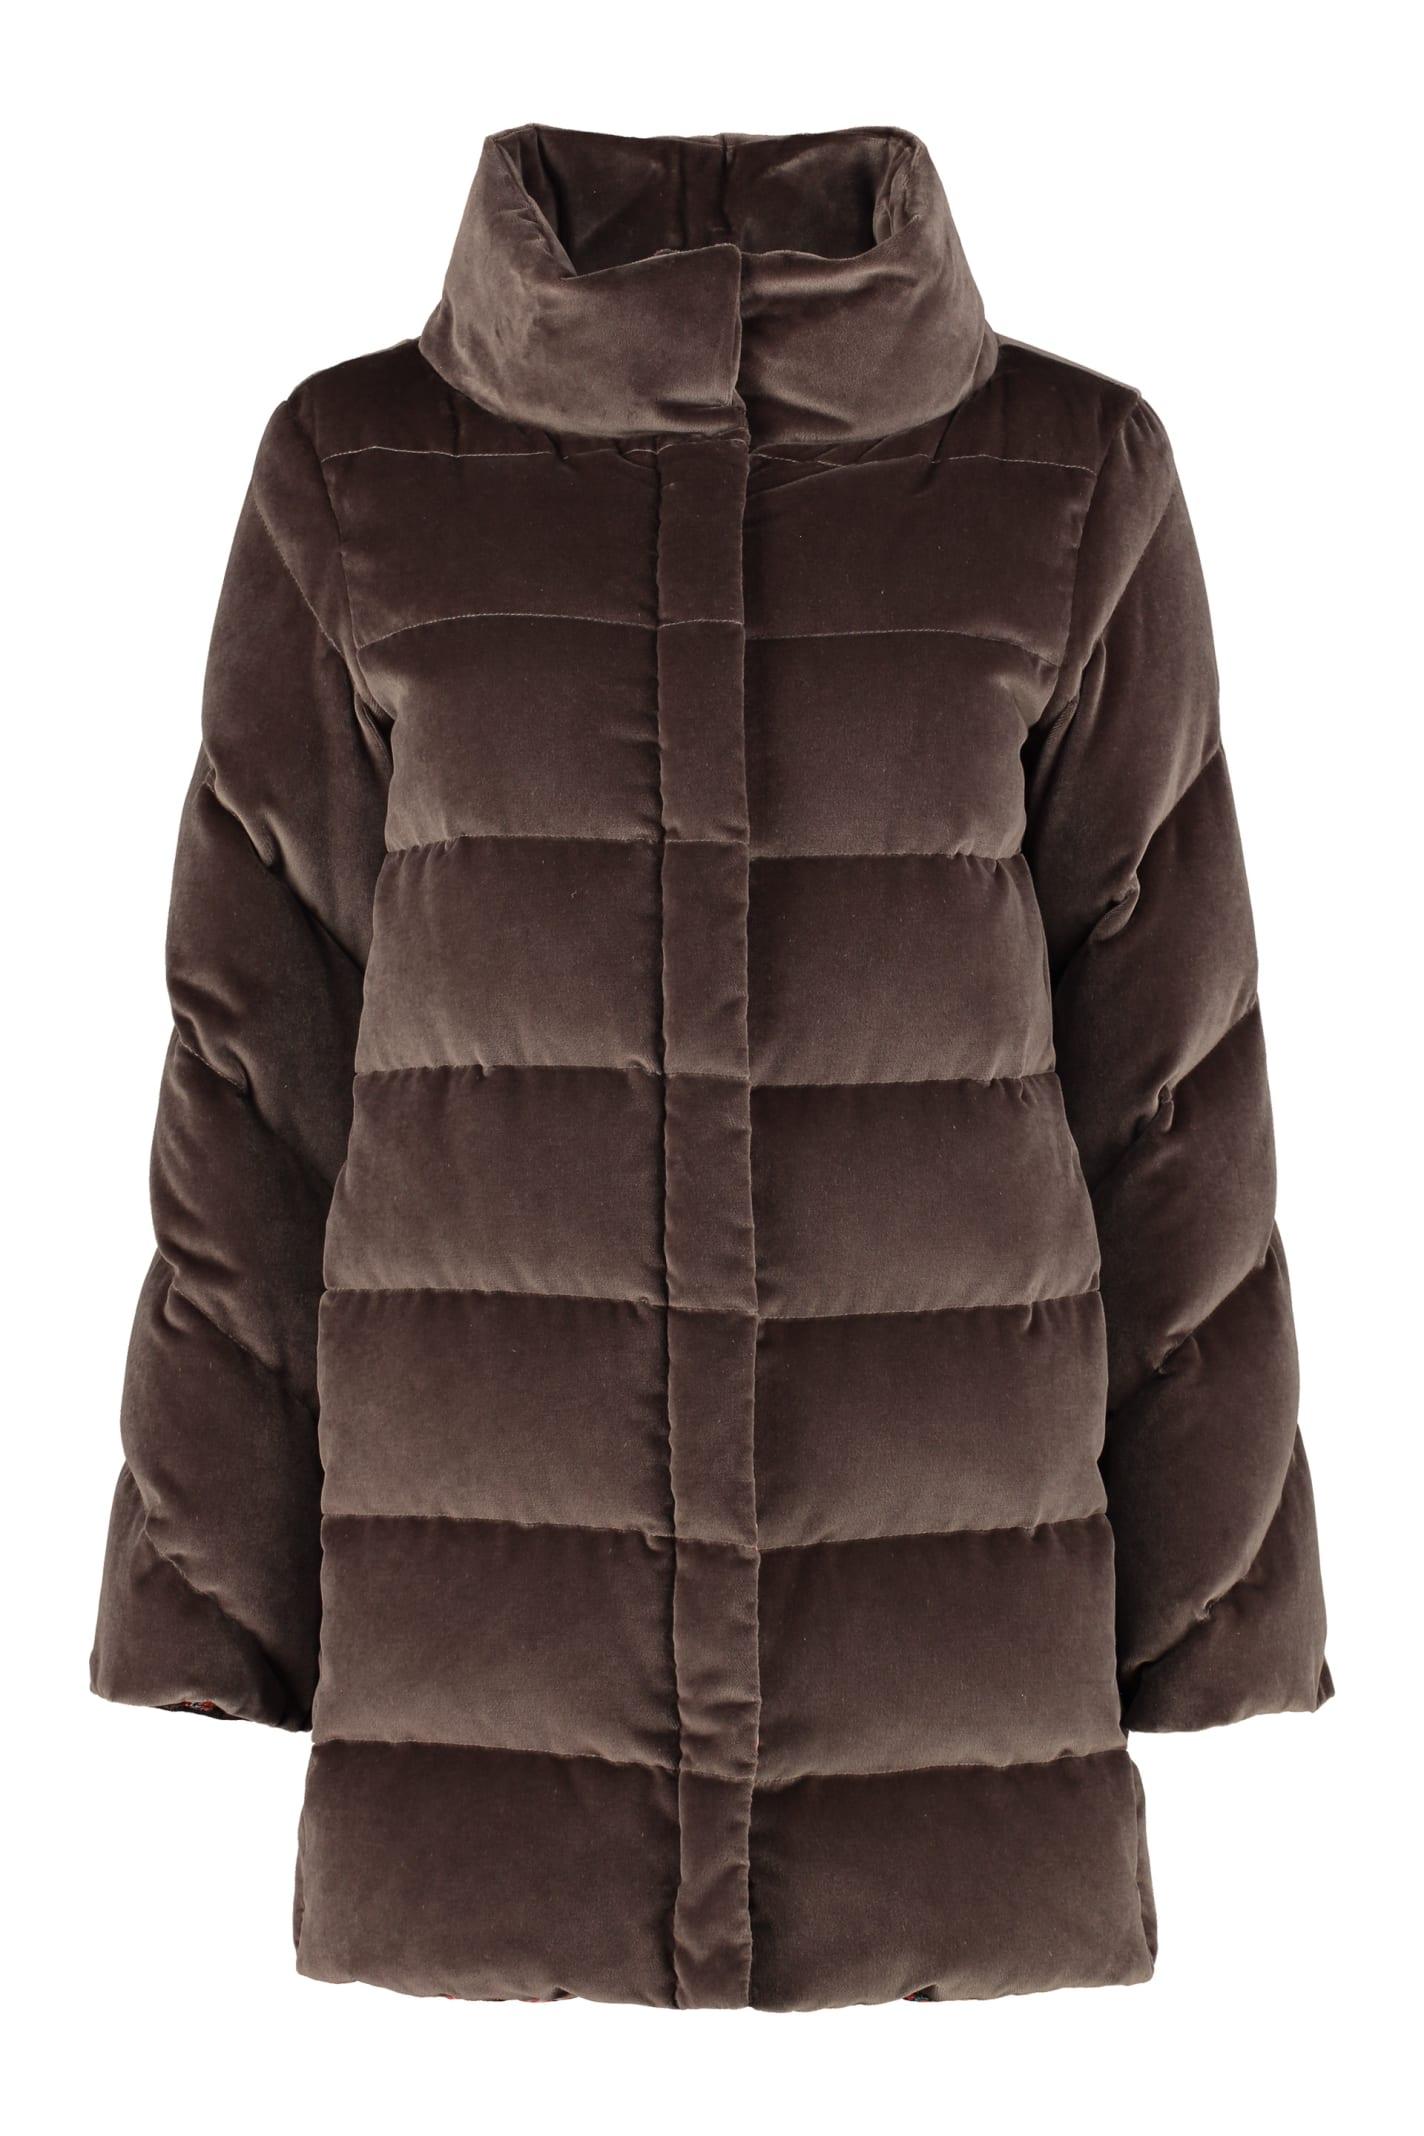 Etro Velvet Down Jacket